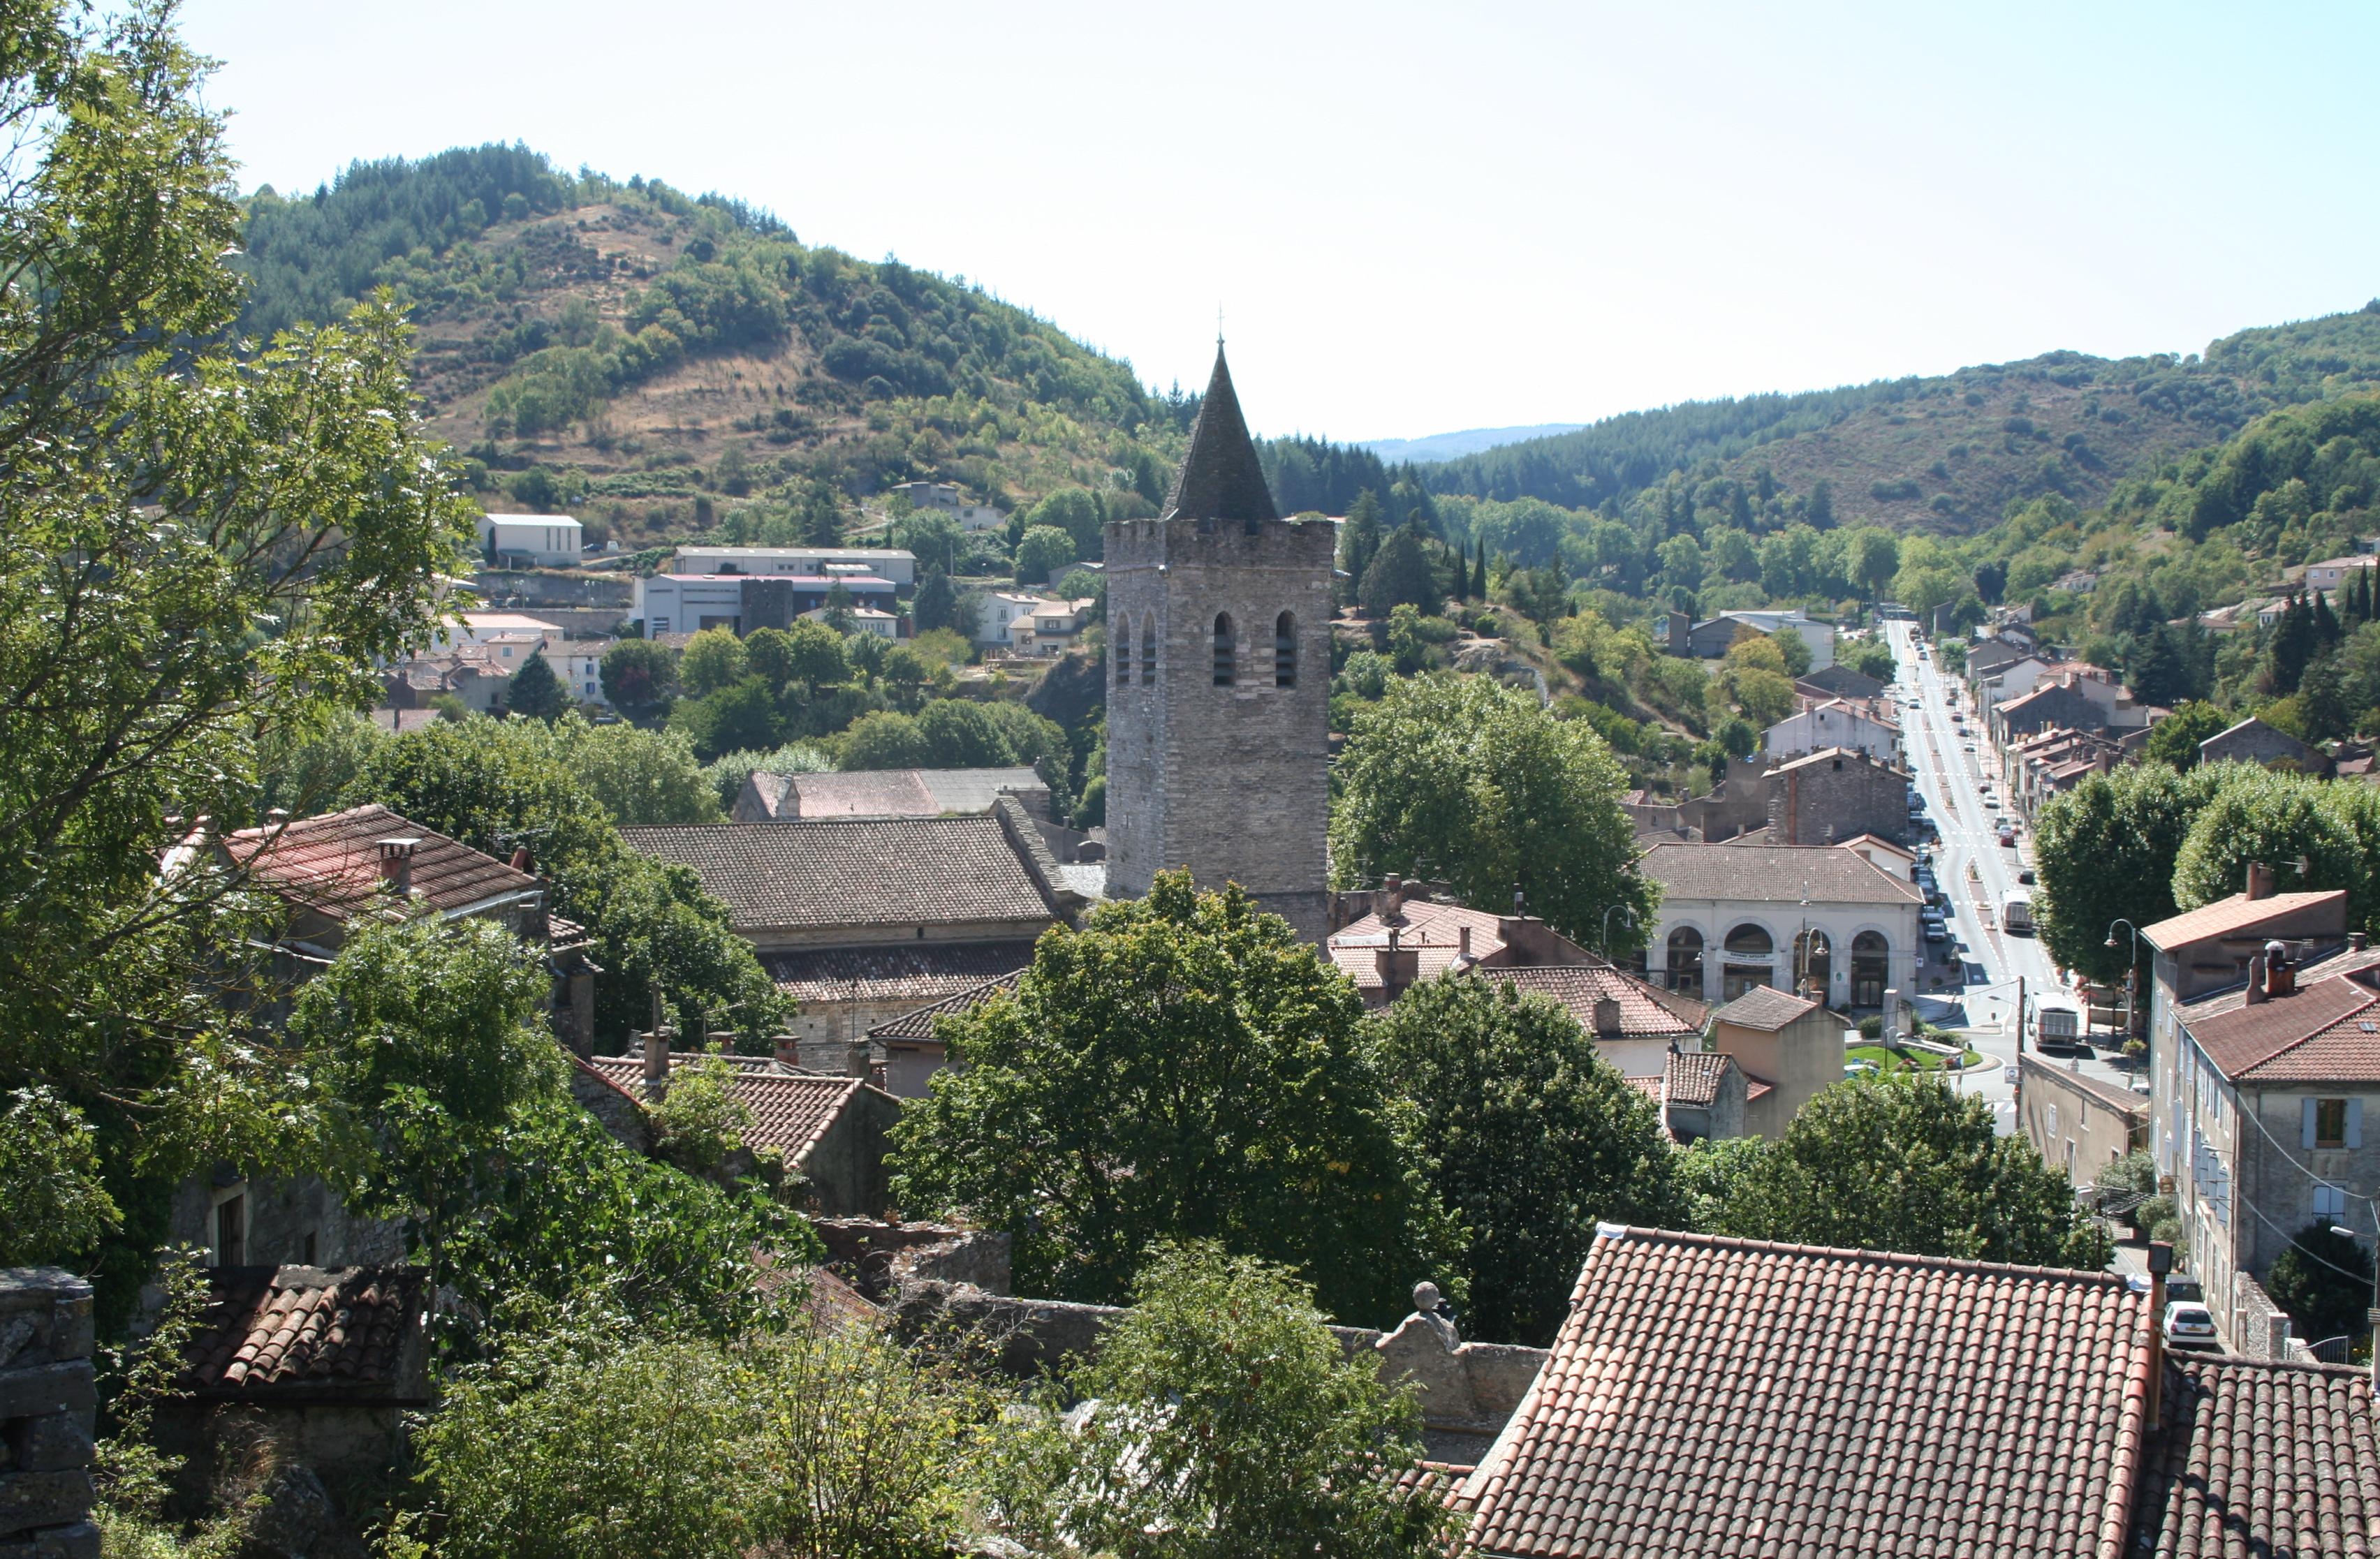 Saint-Pons de Thomières